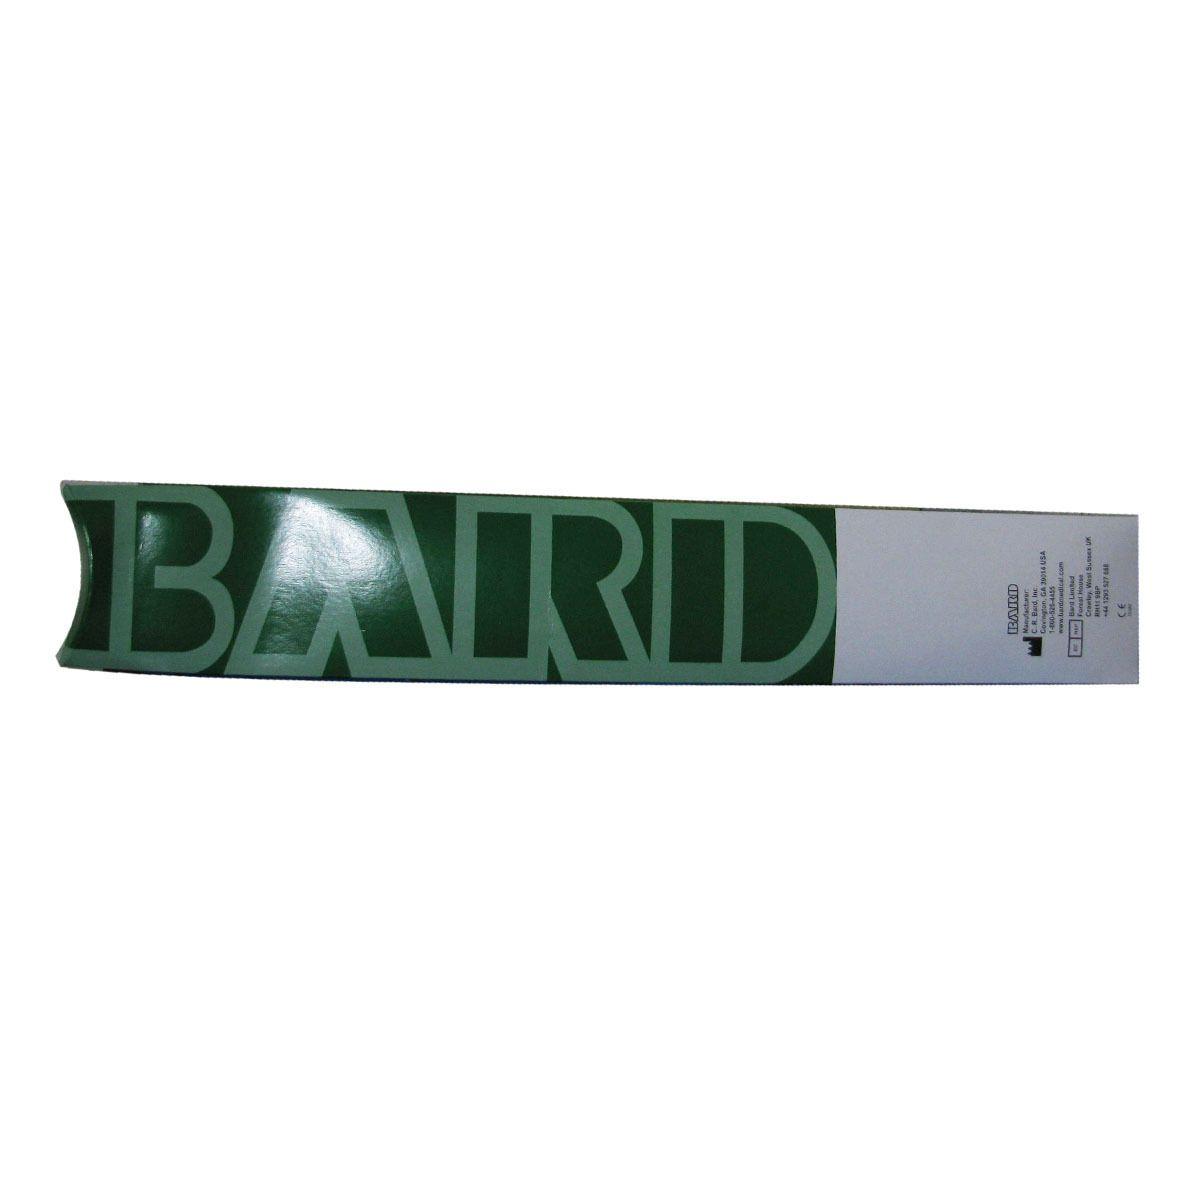 Image of BARD Biocath Standard 2-Weg 12 Ch 10 ml